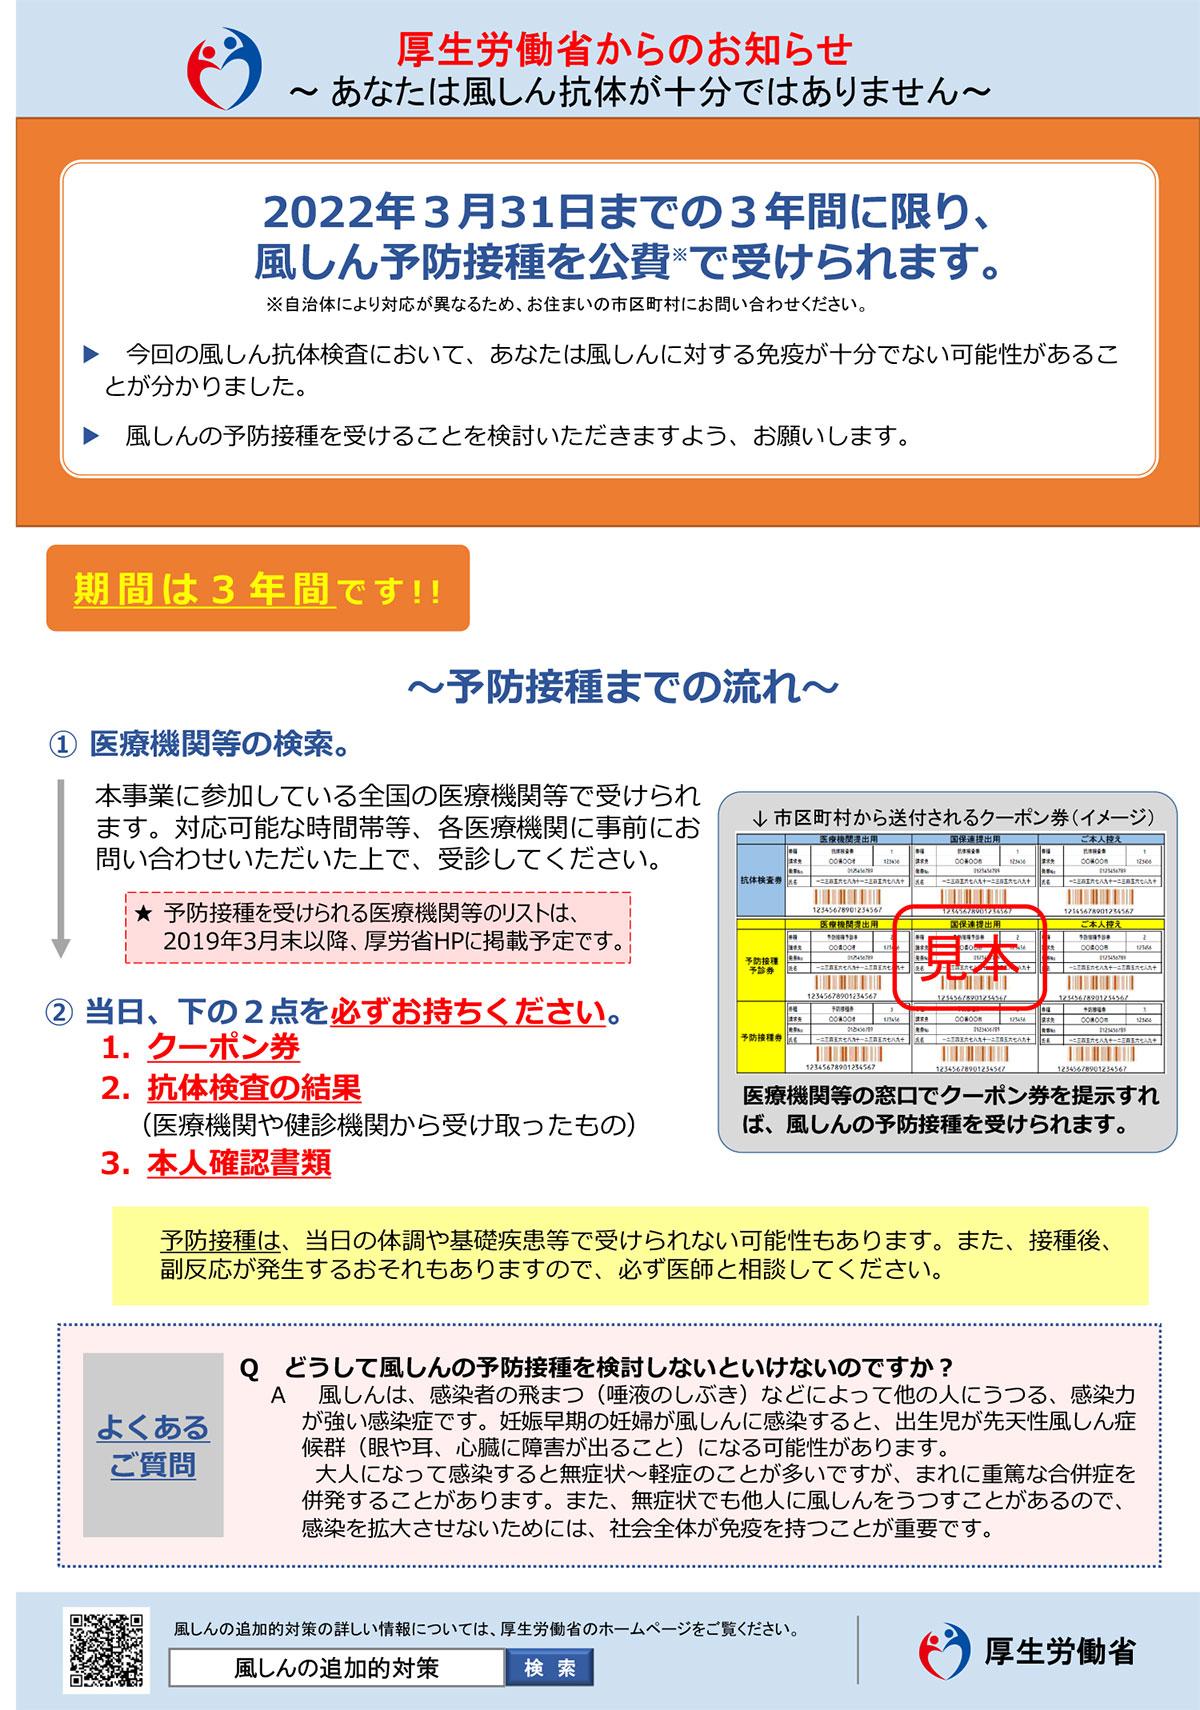 抗体 クーポン 風疹 検査